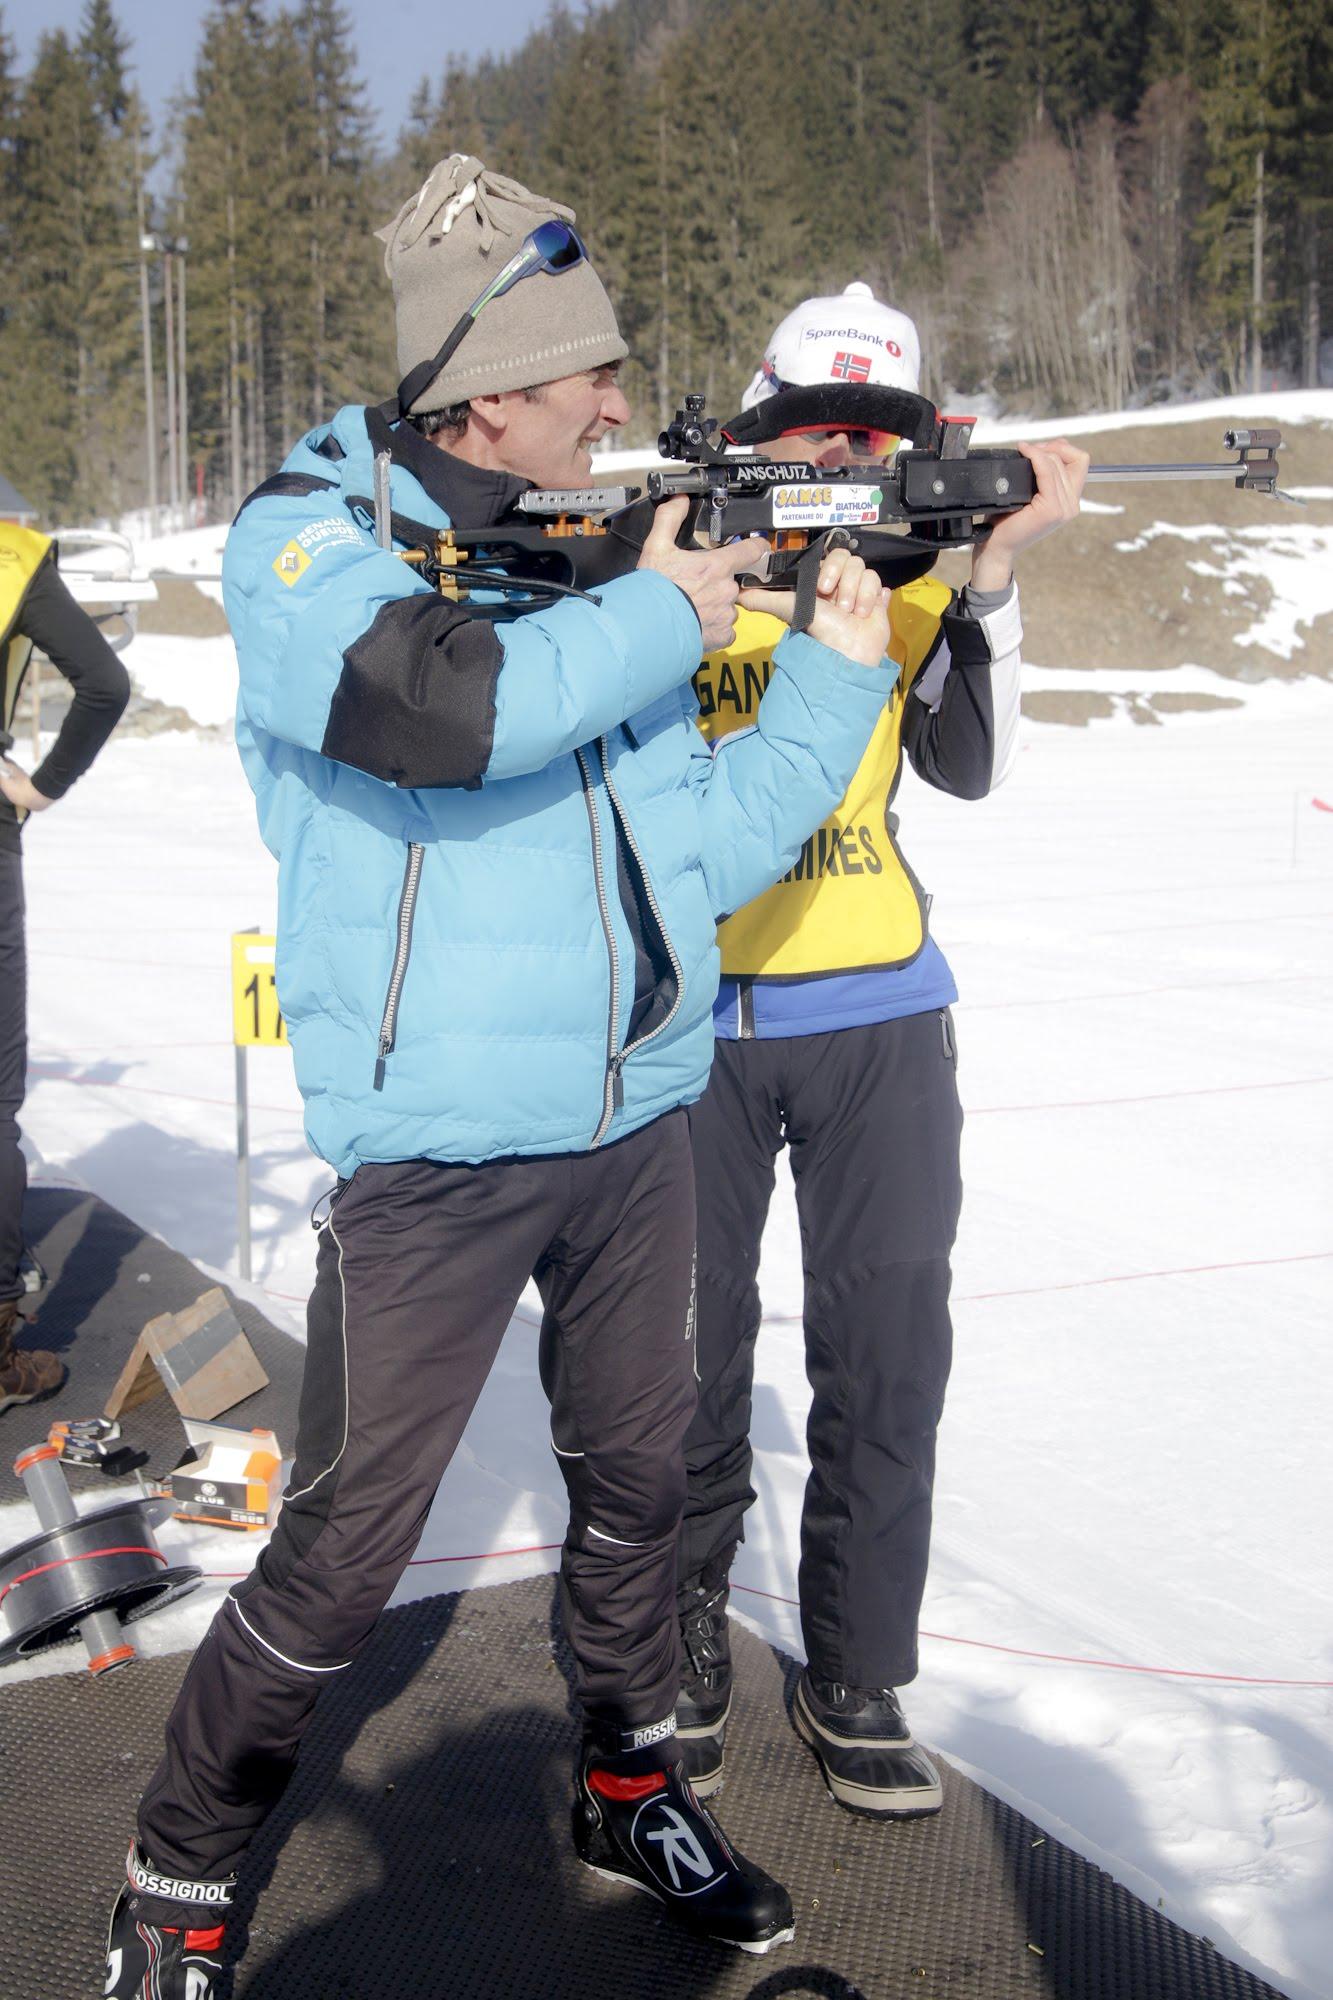 180224-BiathlonImpulse-Contamines-091